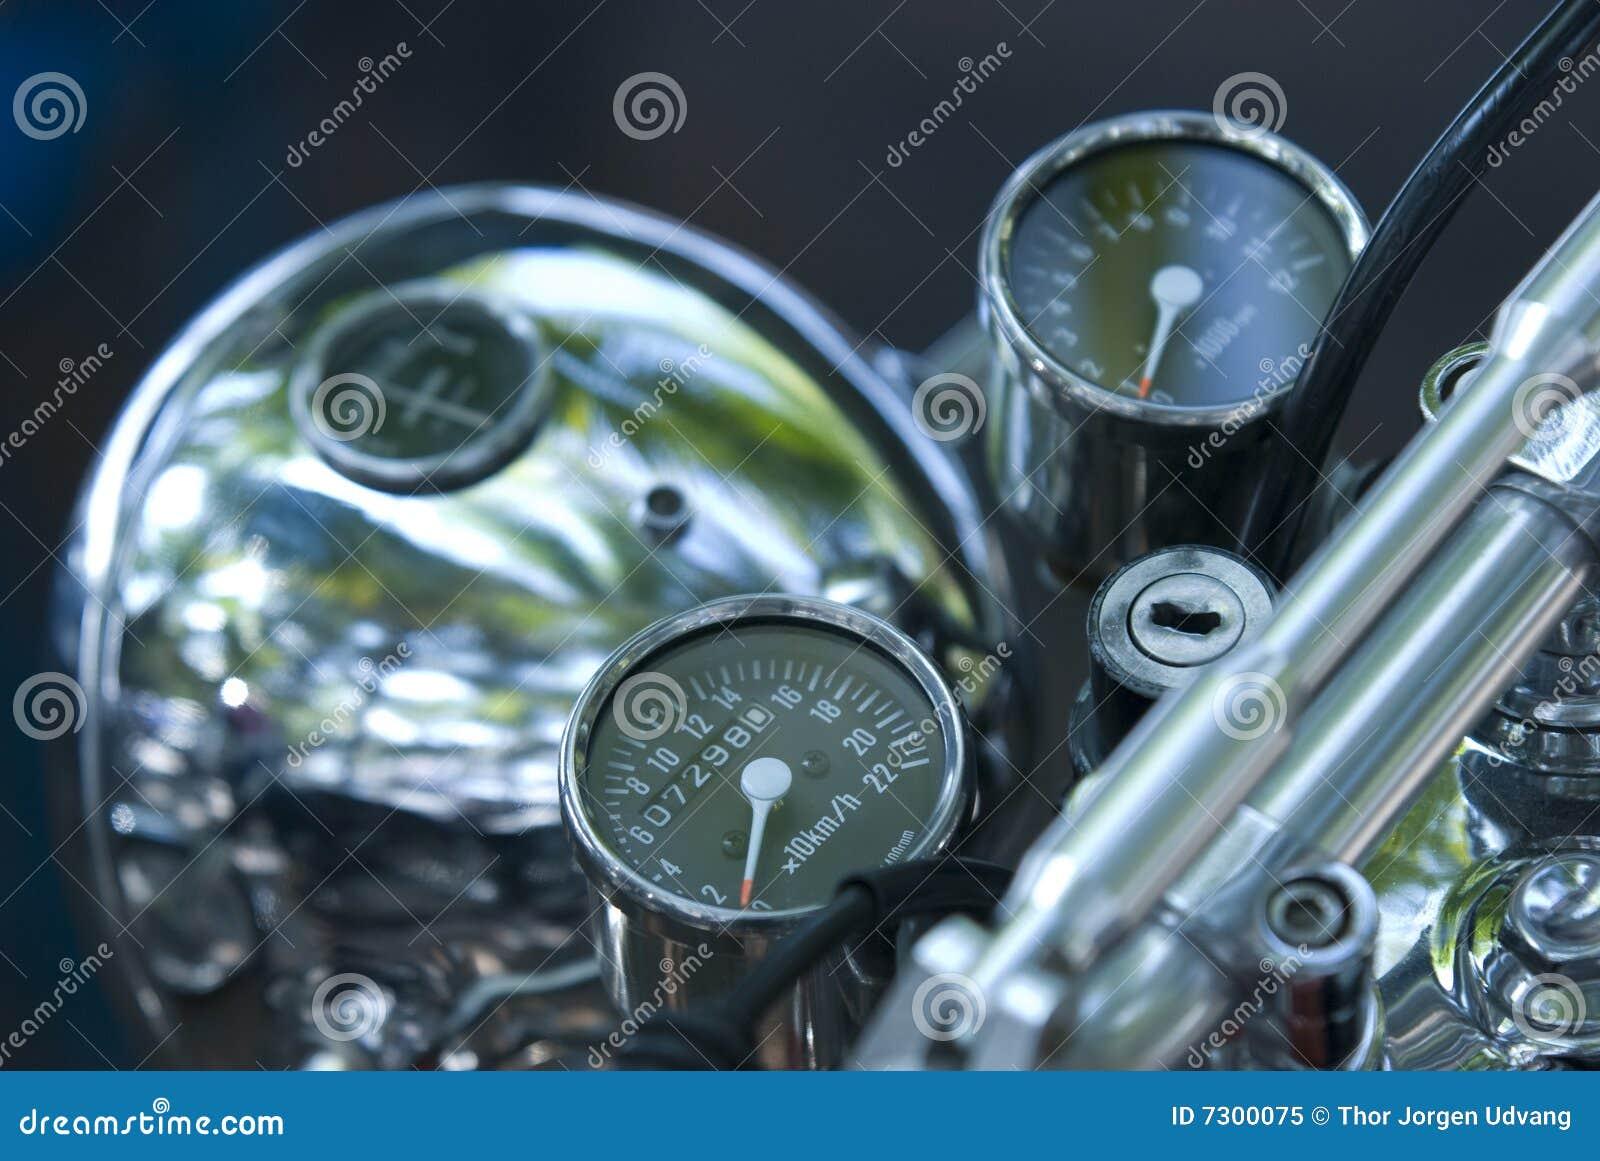 Strumenti sulla motocicletta